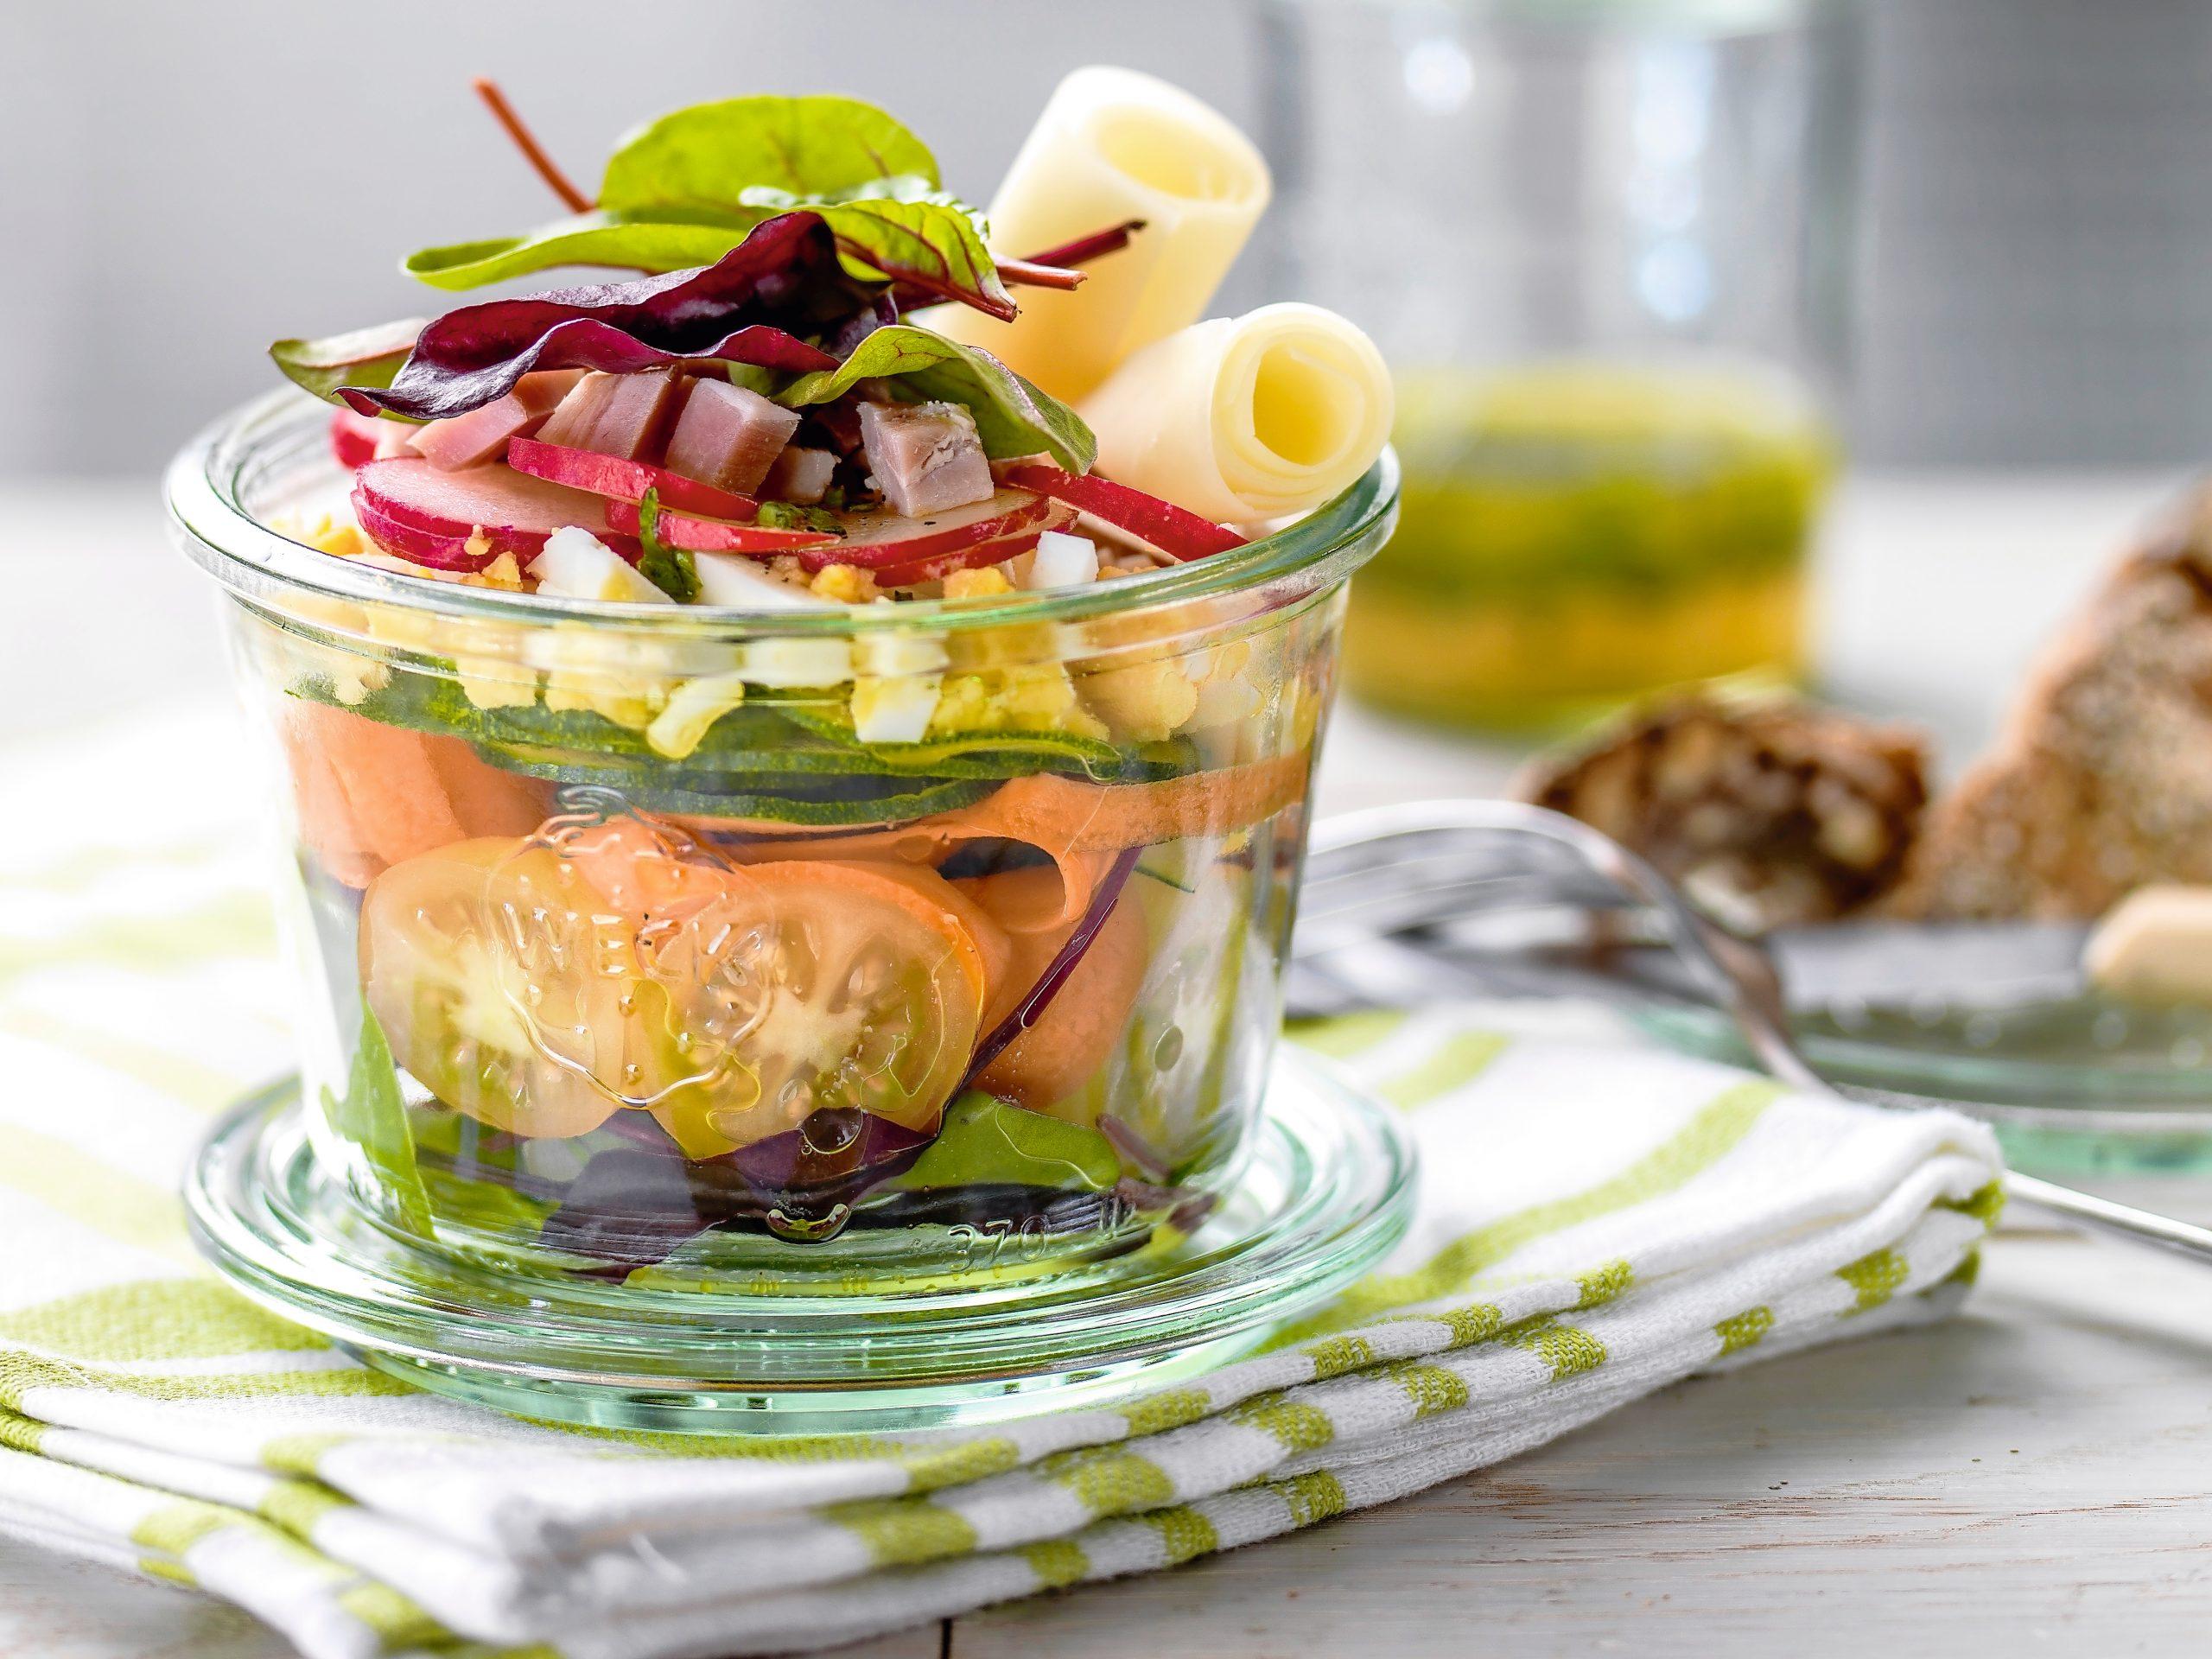 Verrine de salade (low carb)